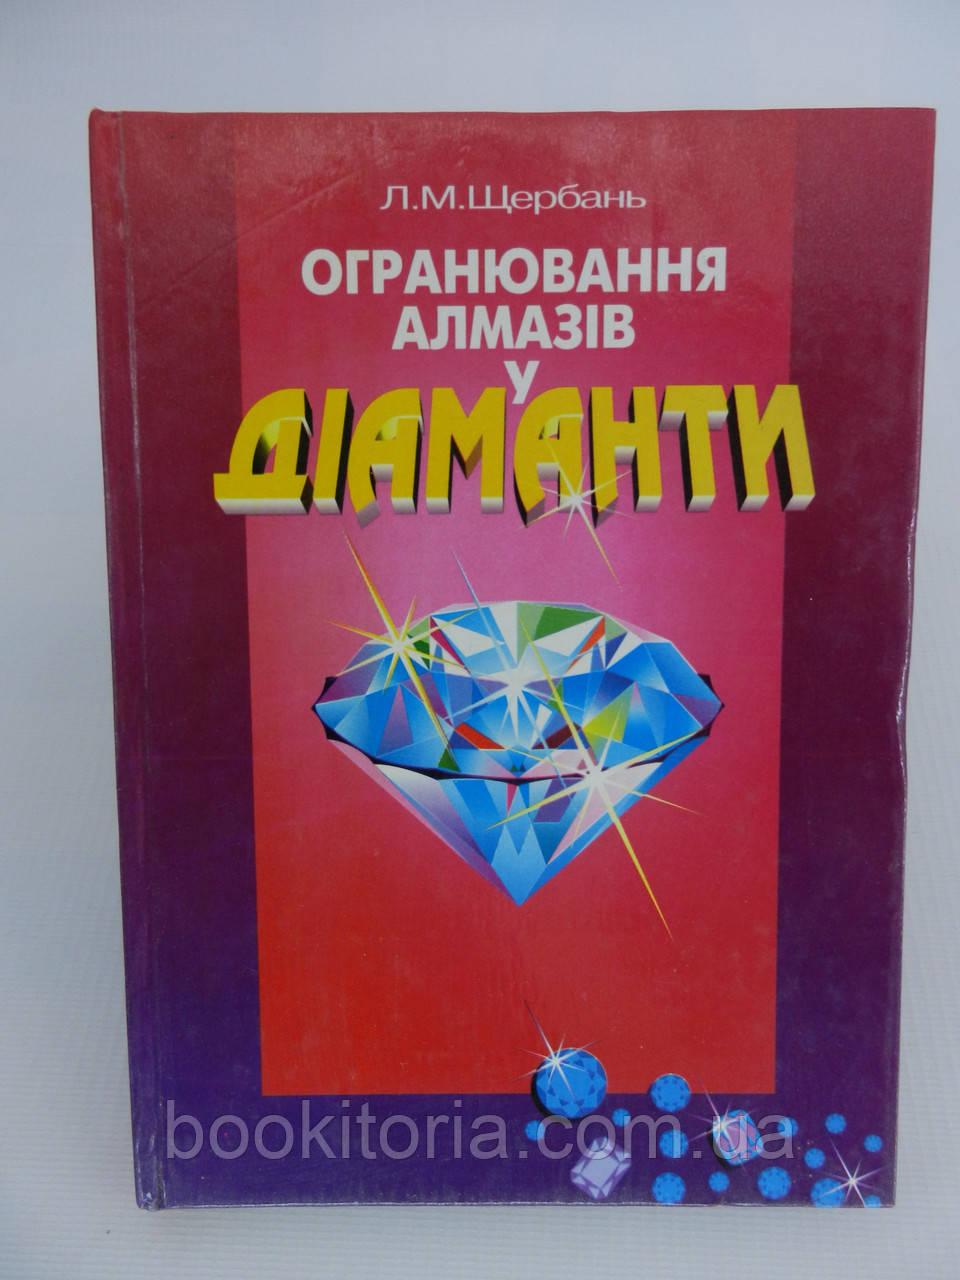 Щербань Л.М. Огранювання алмазів у діаманти (б/у).